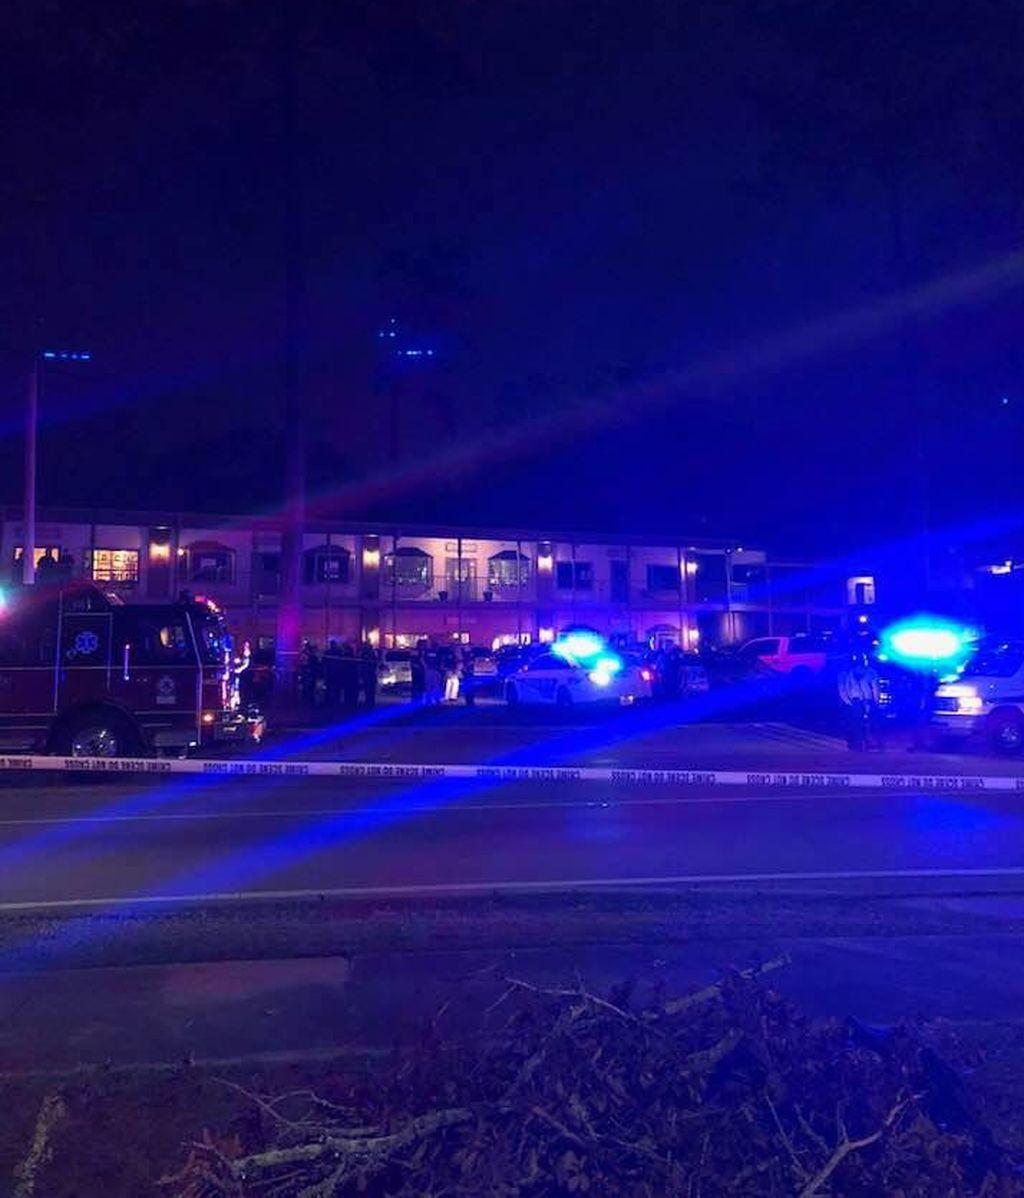 Un hombre mata a dos personas, hiere a seis y se suicida en un estudio de yoga en Florida